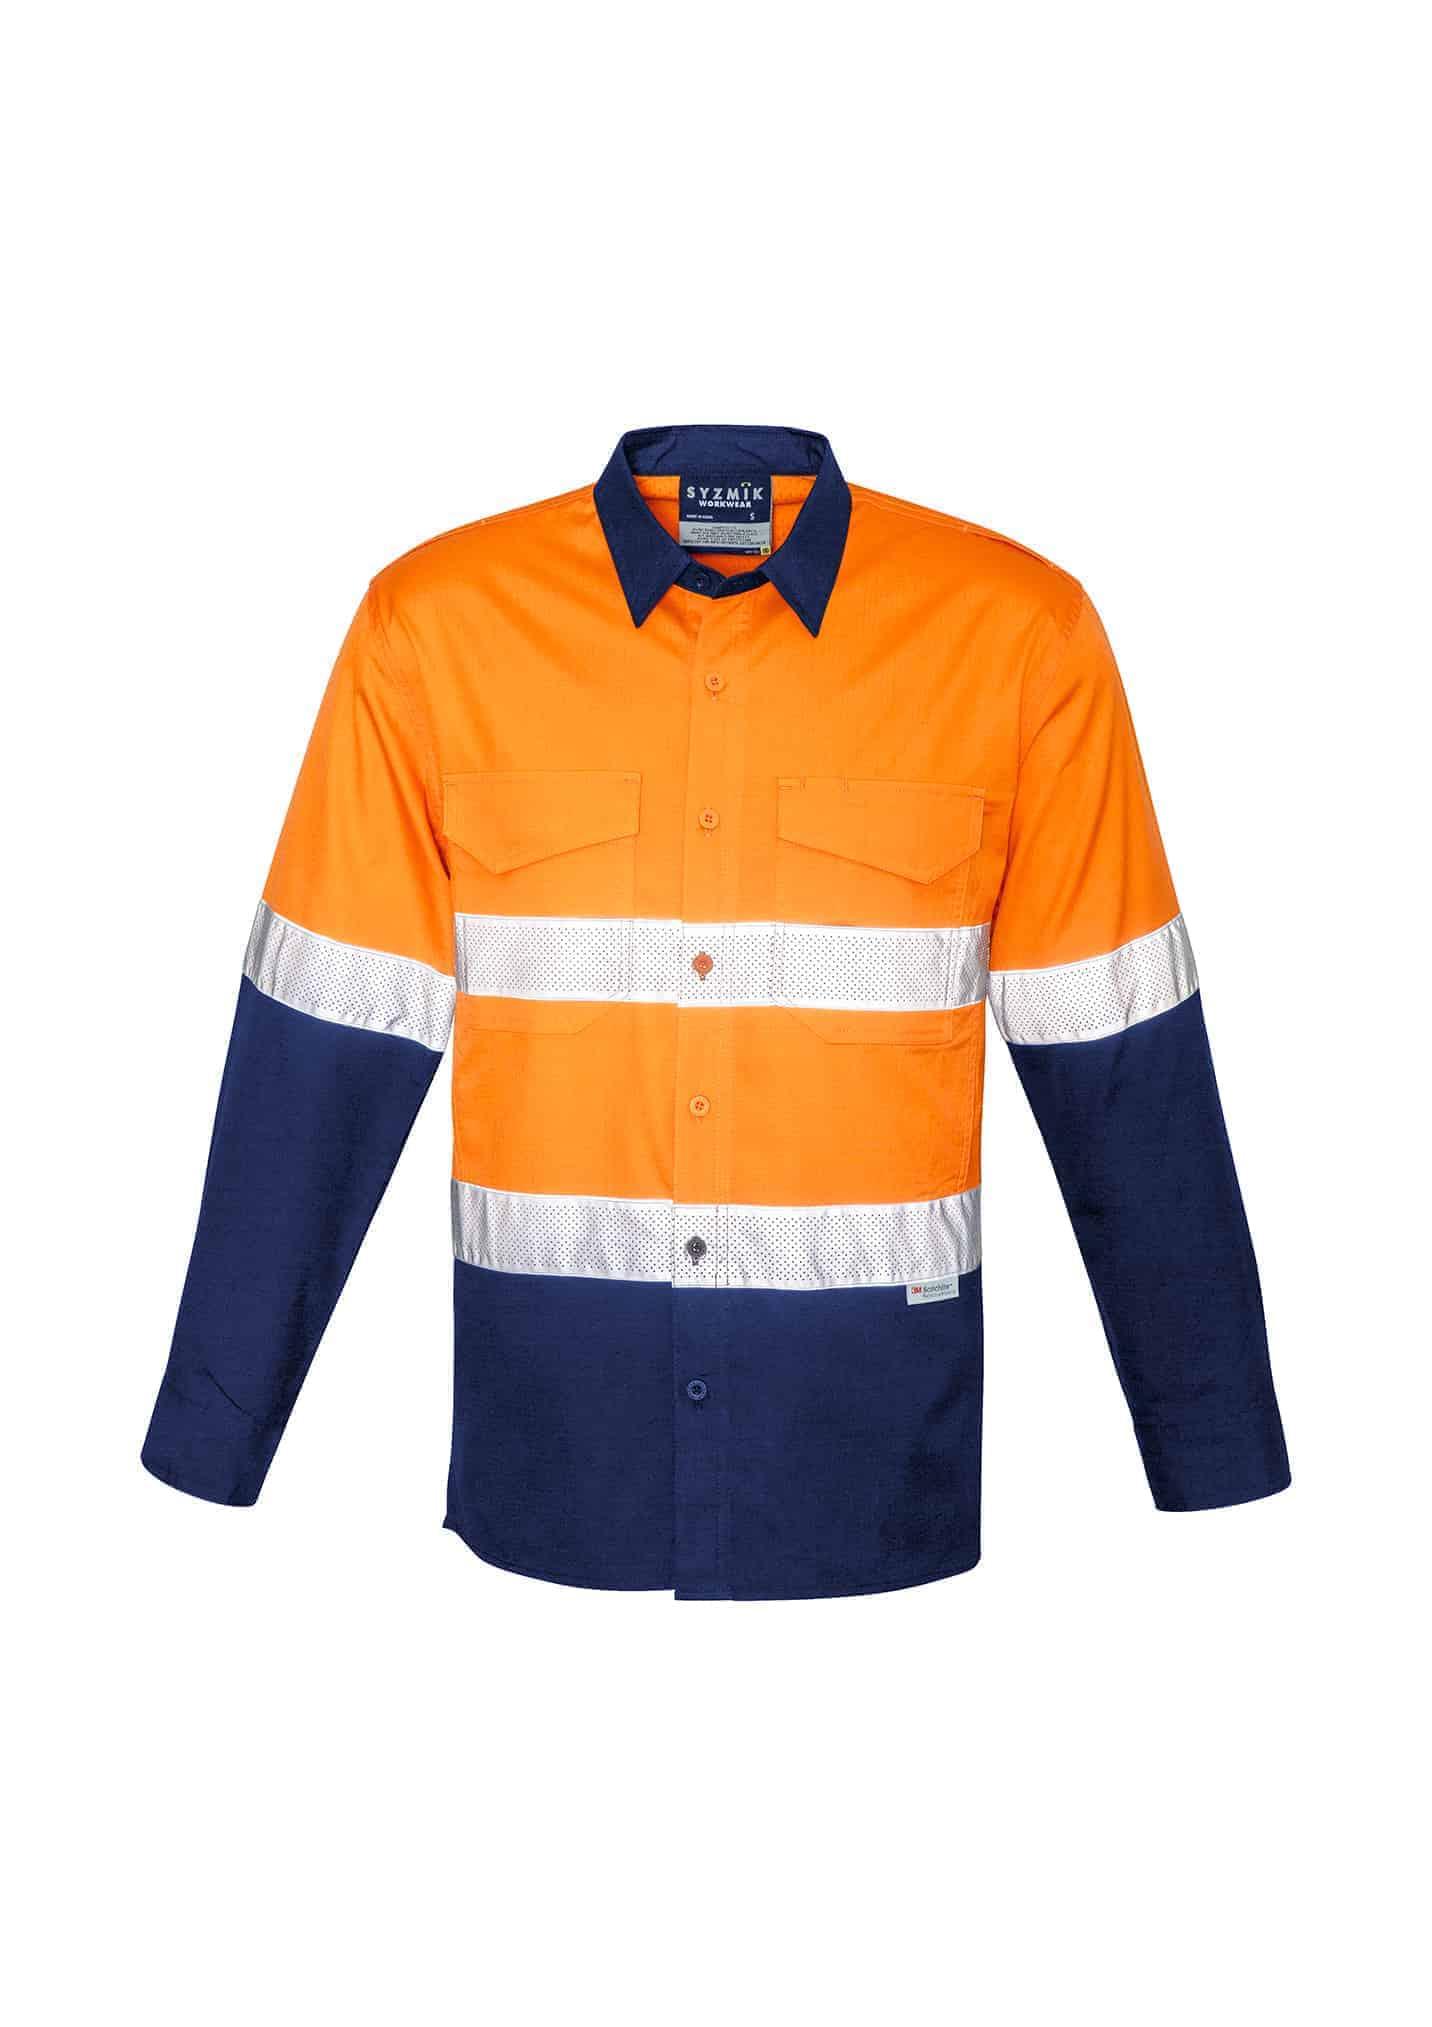 Unisex Hi Vis Spliced Rugged Shirt - Hoop Taped